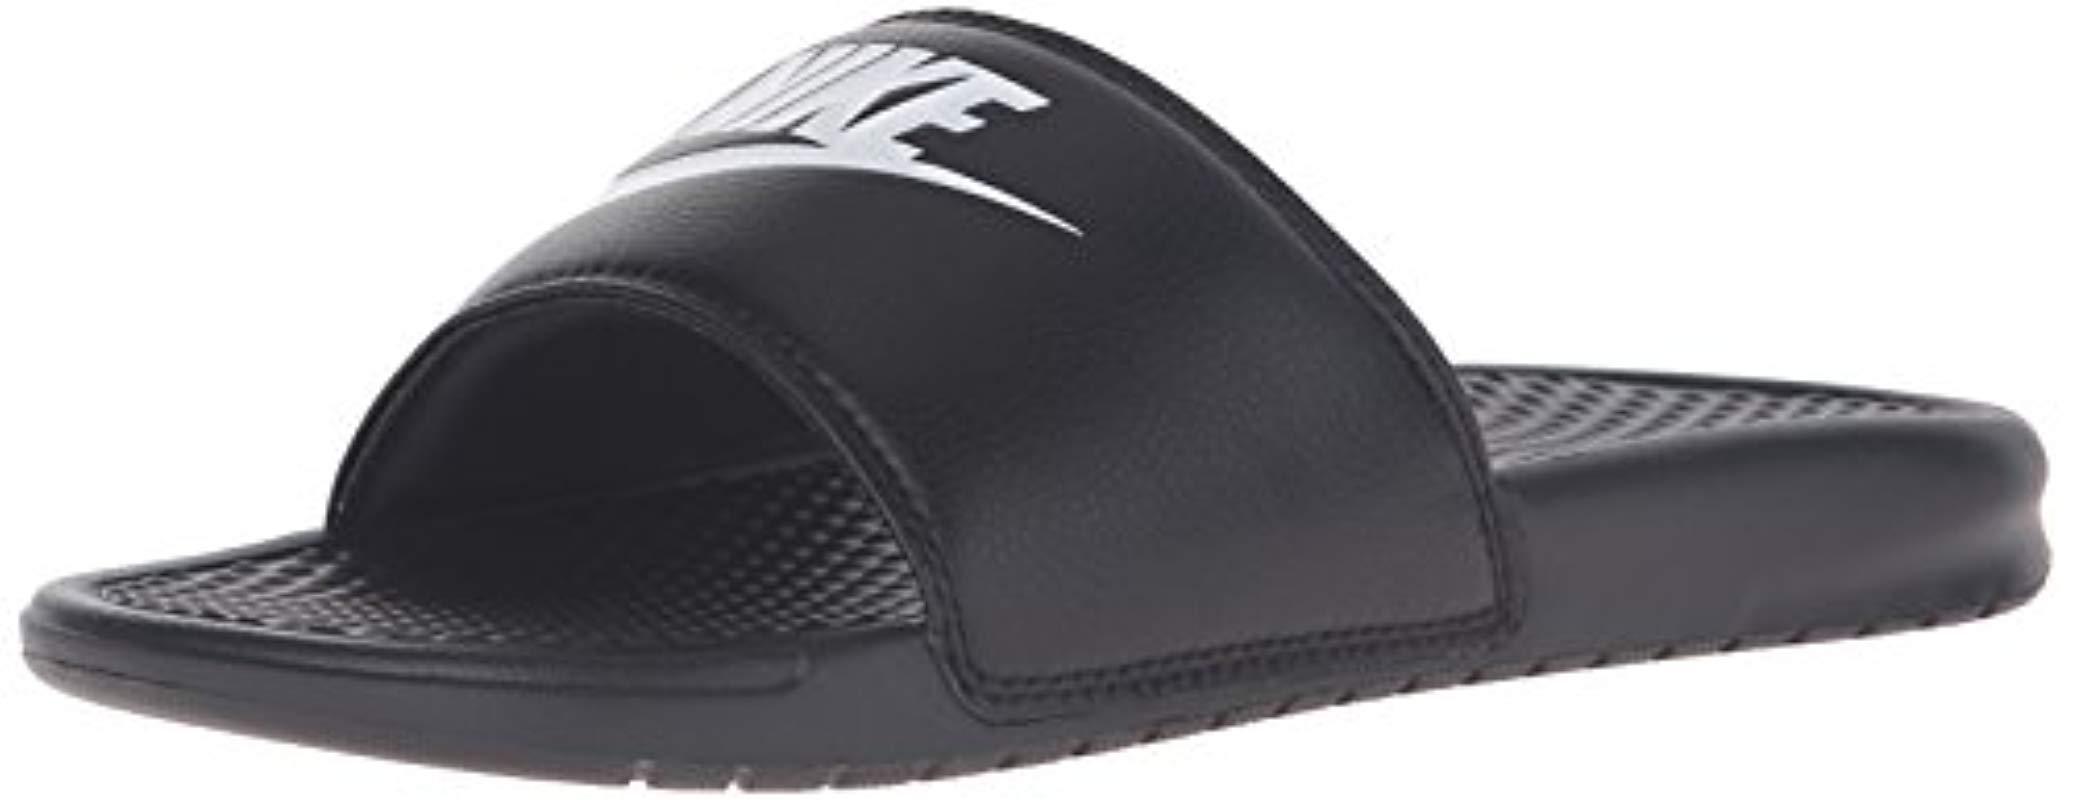 588dea59da6a3 Lyst - Nike Benassi Just Do It Slide Sandal in Black for Men